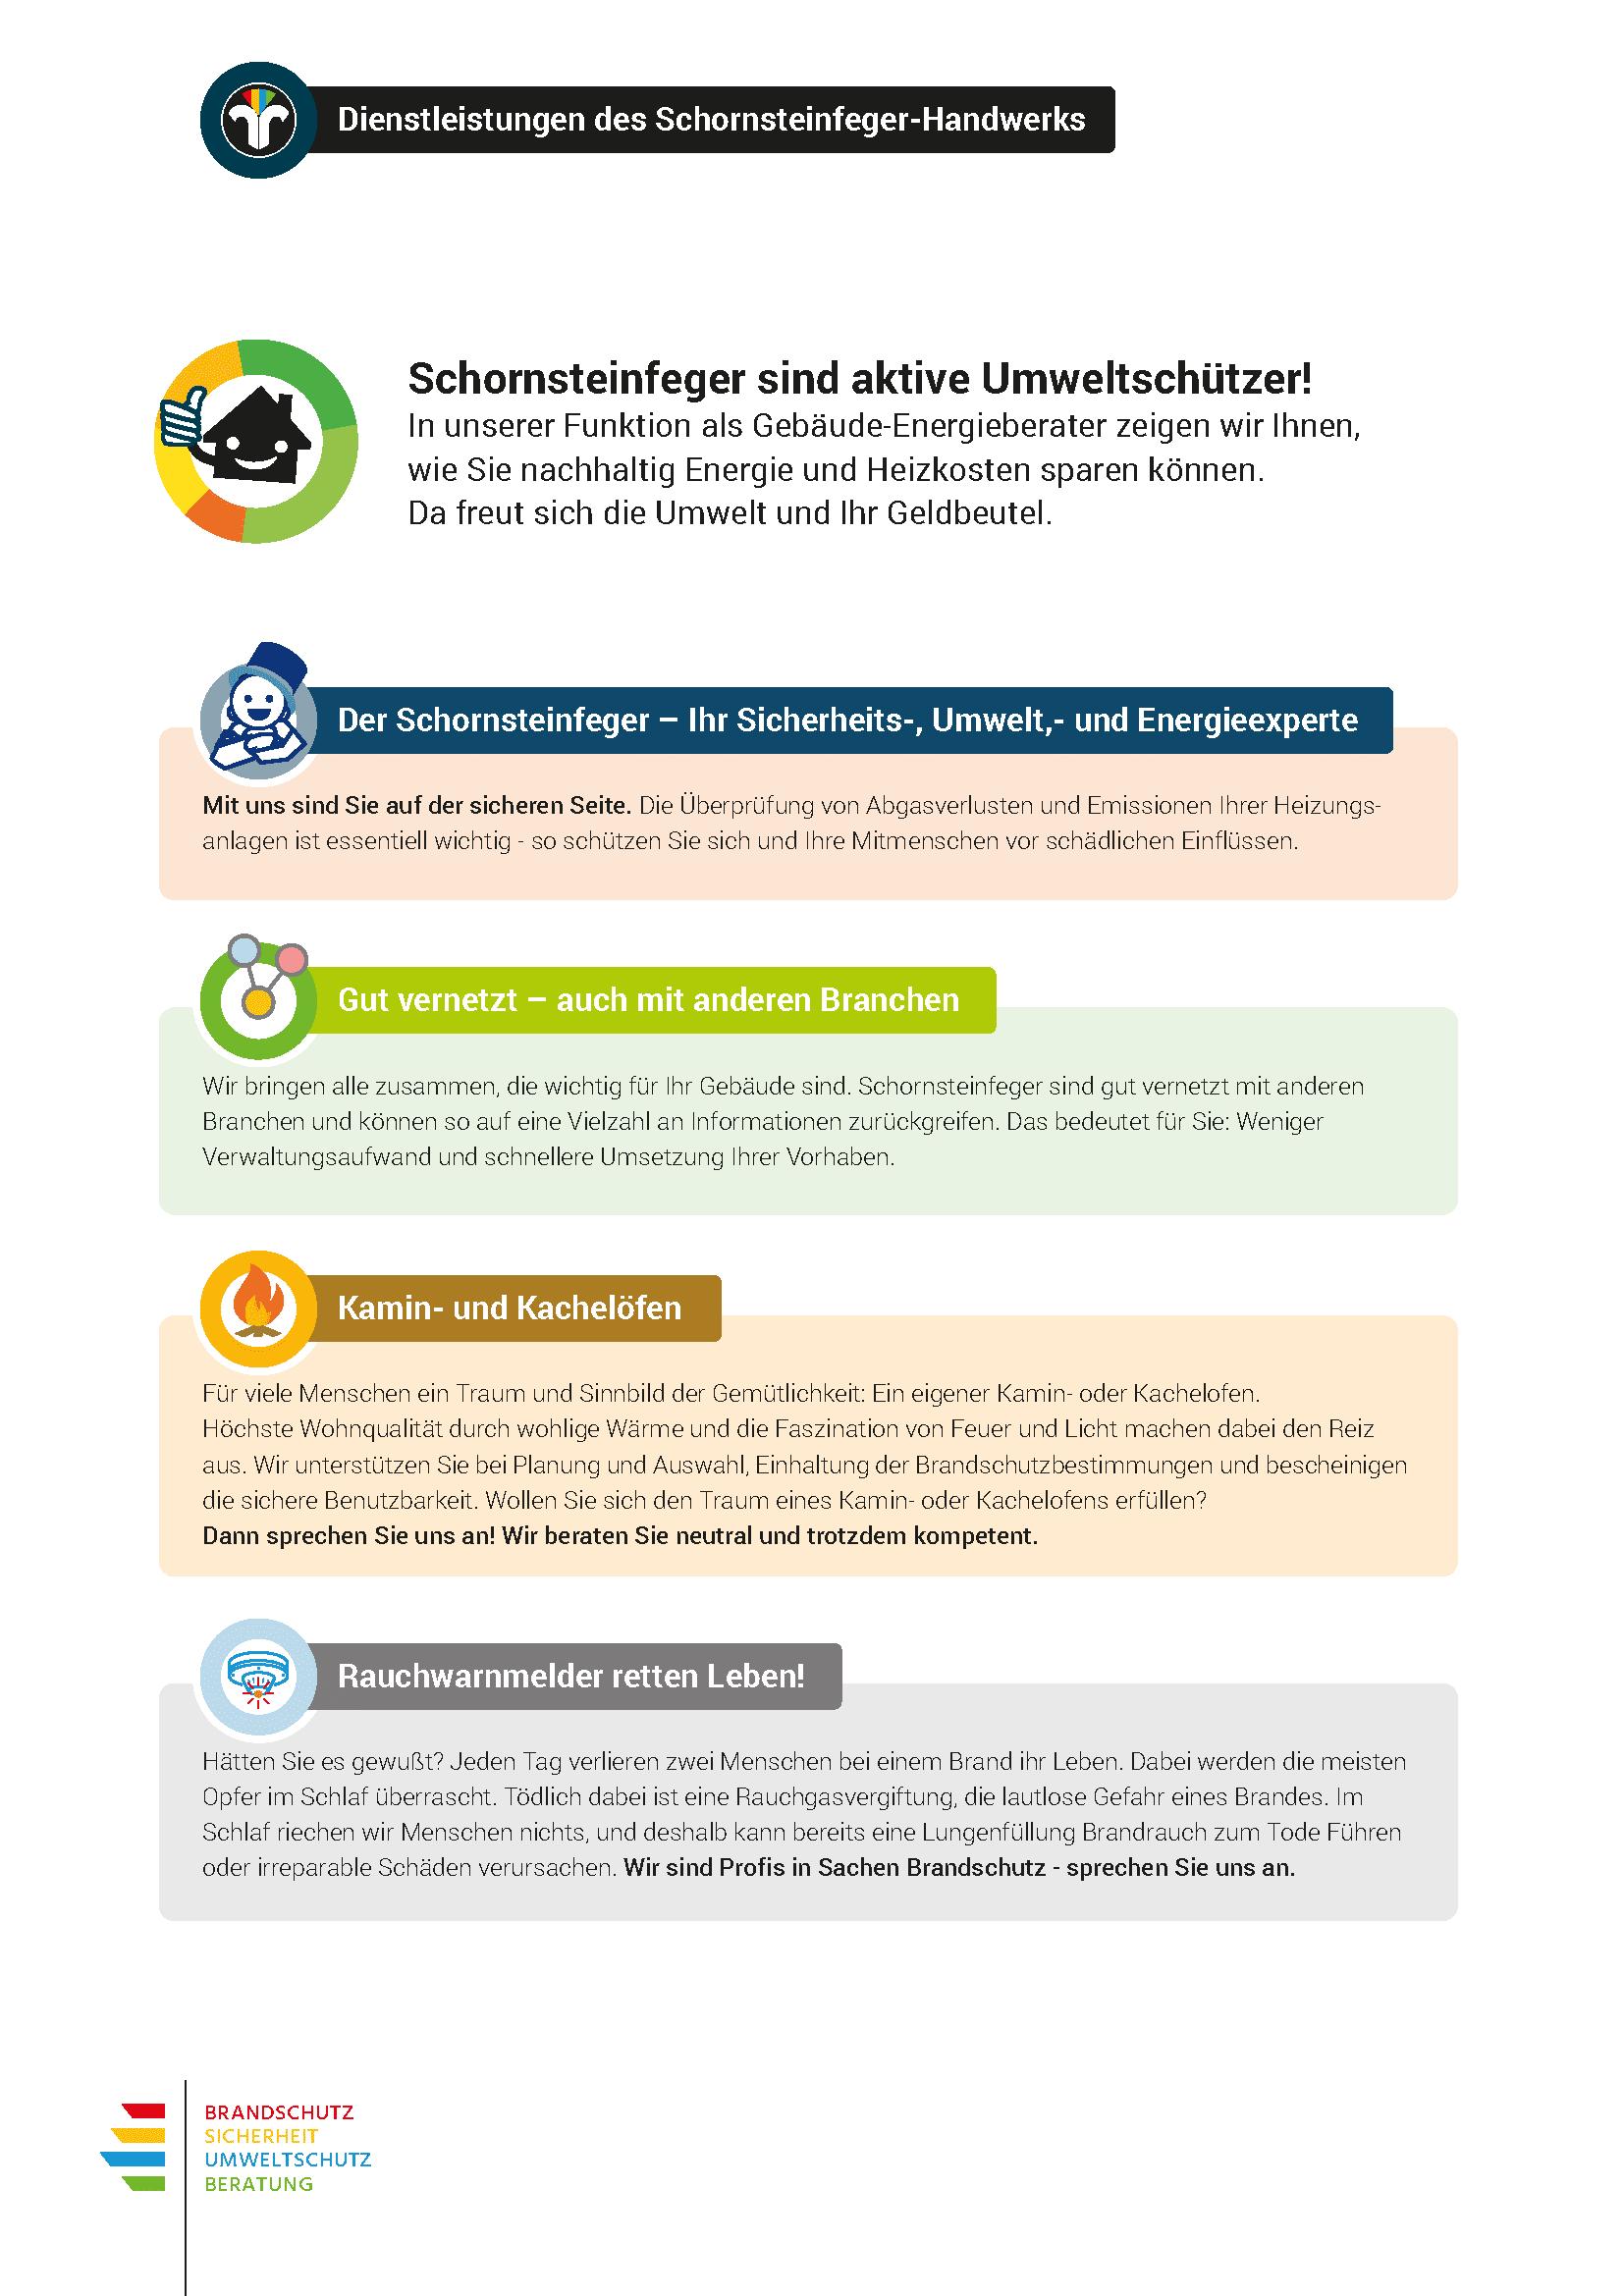 digibase network - Schornsteinfeger Marketing: Beilage mit 5 Themen